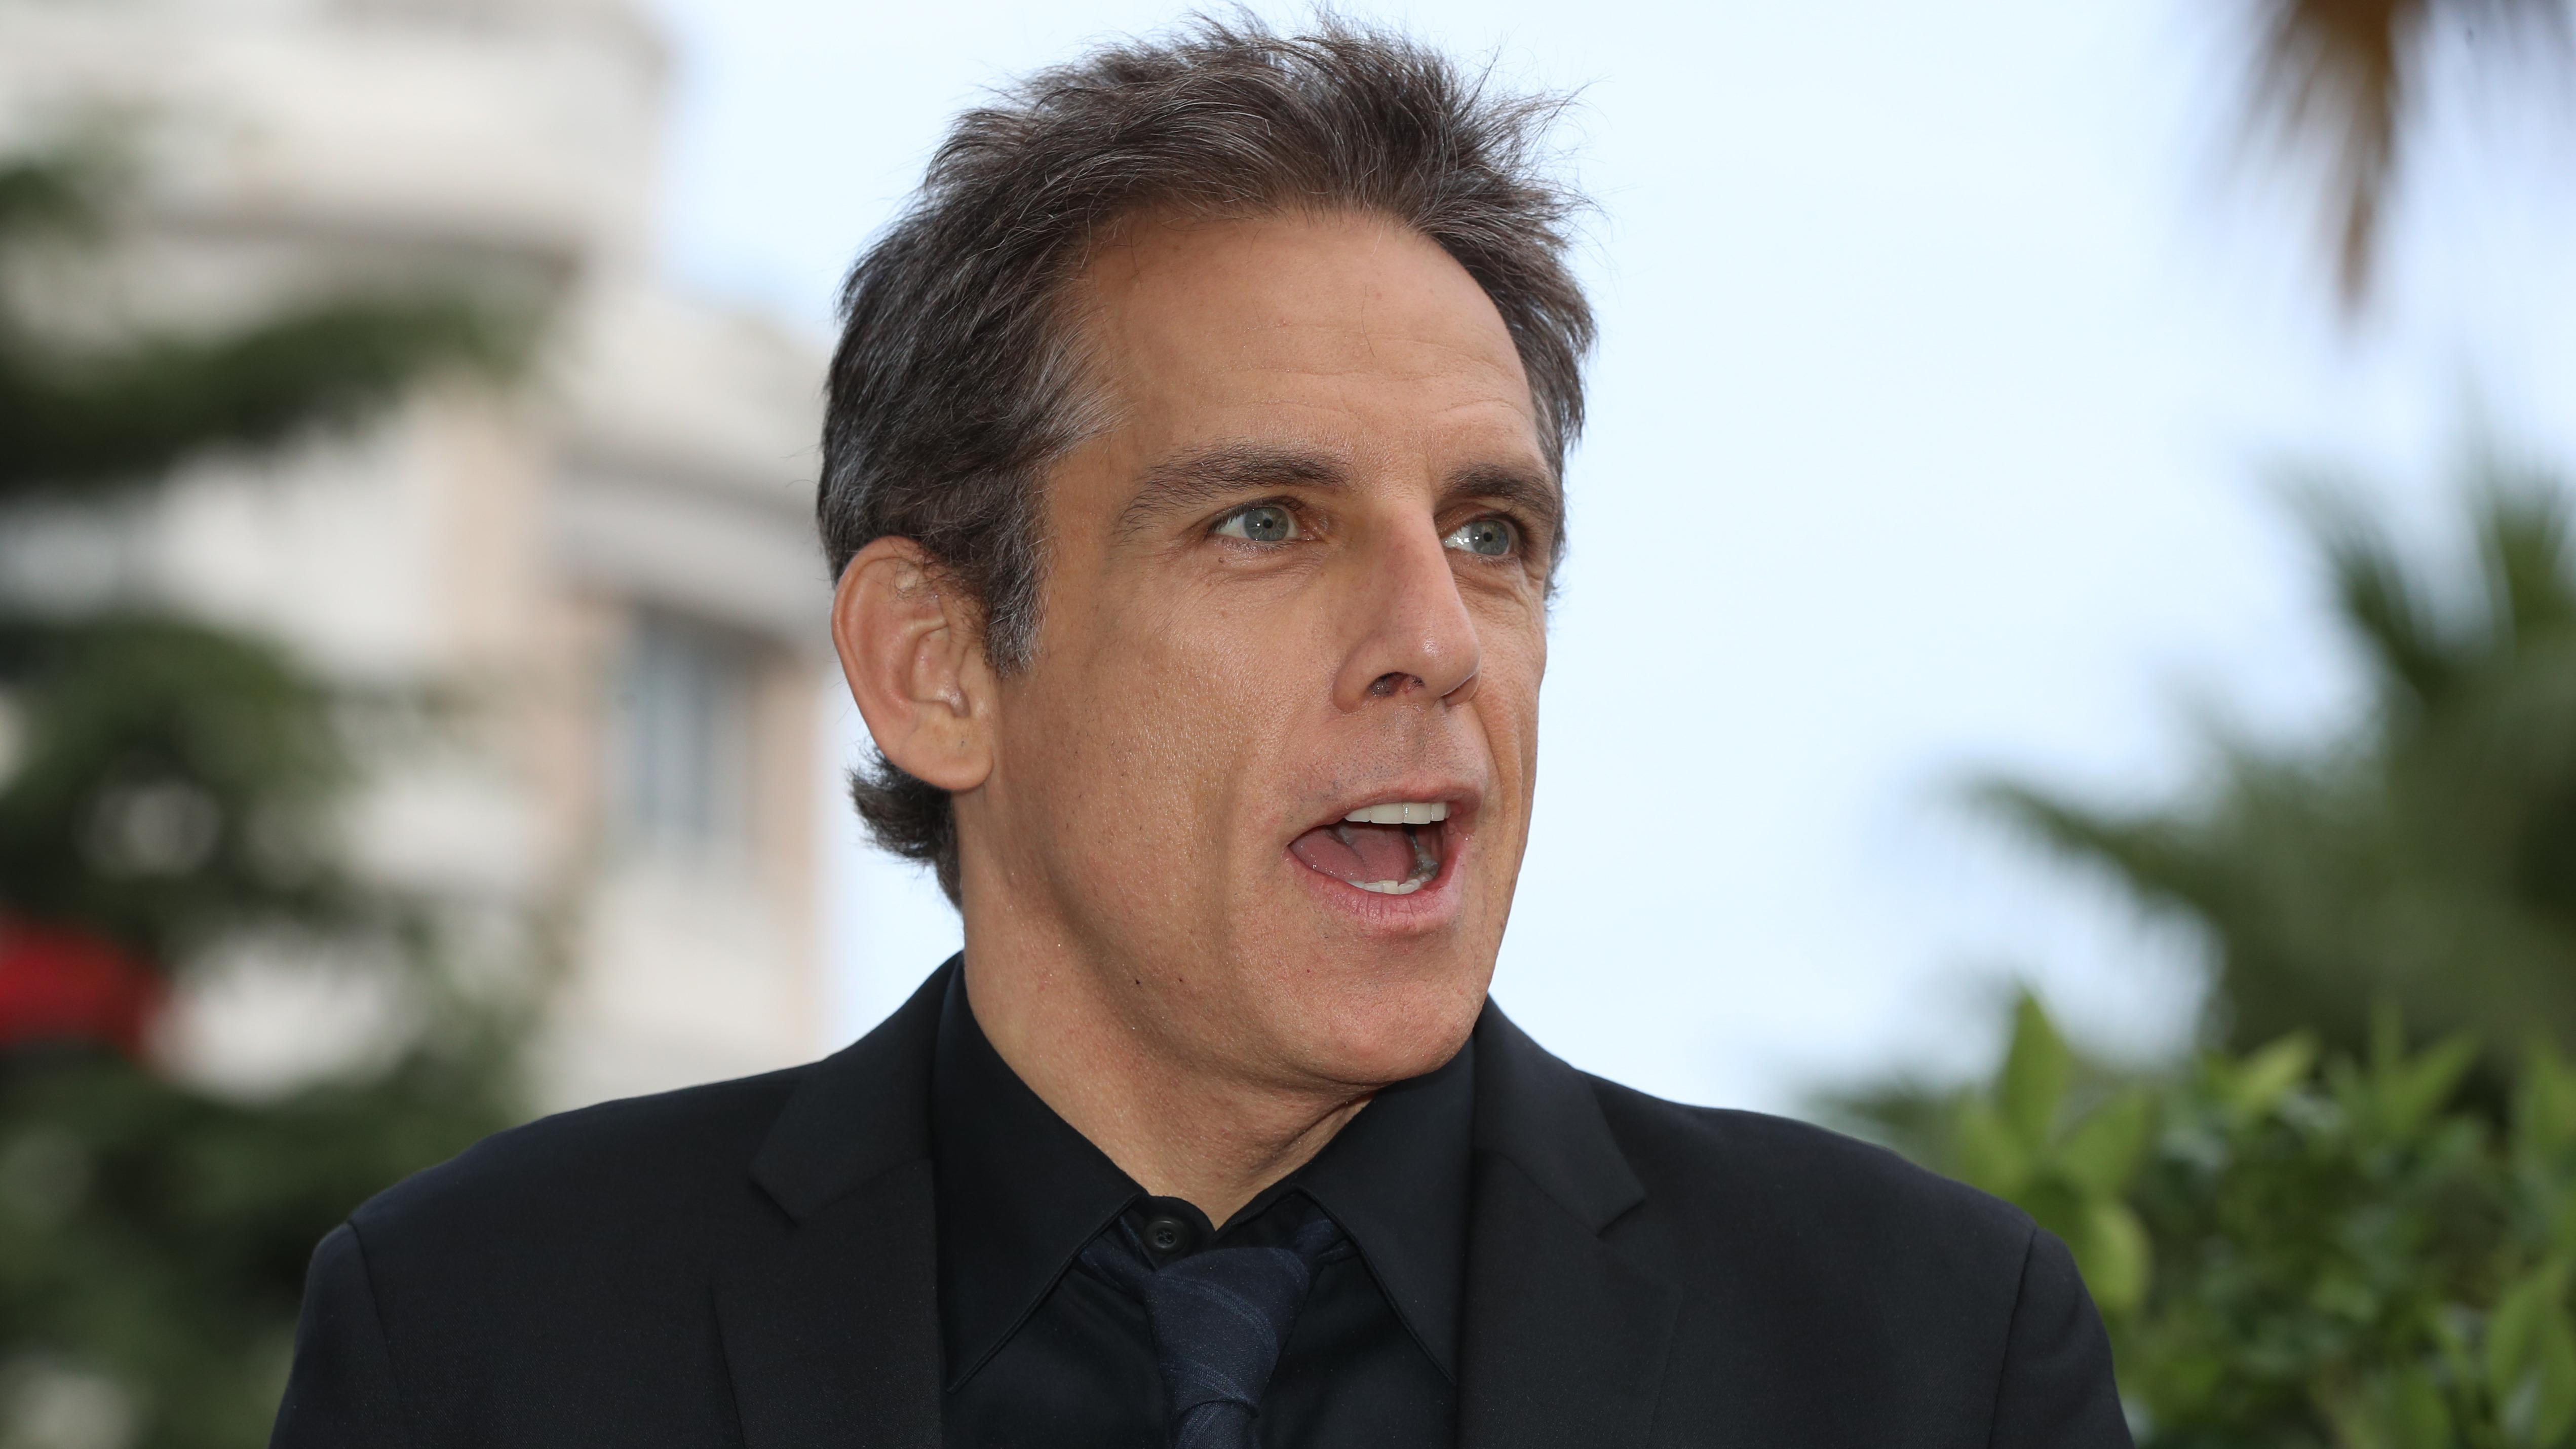 El actor Ben Stiller debuta como director con la serie